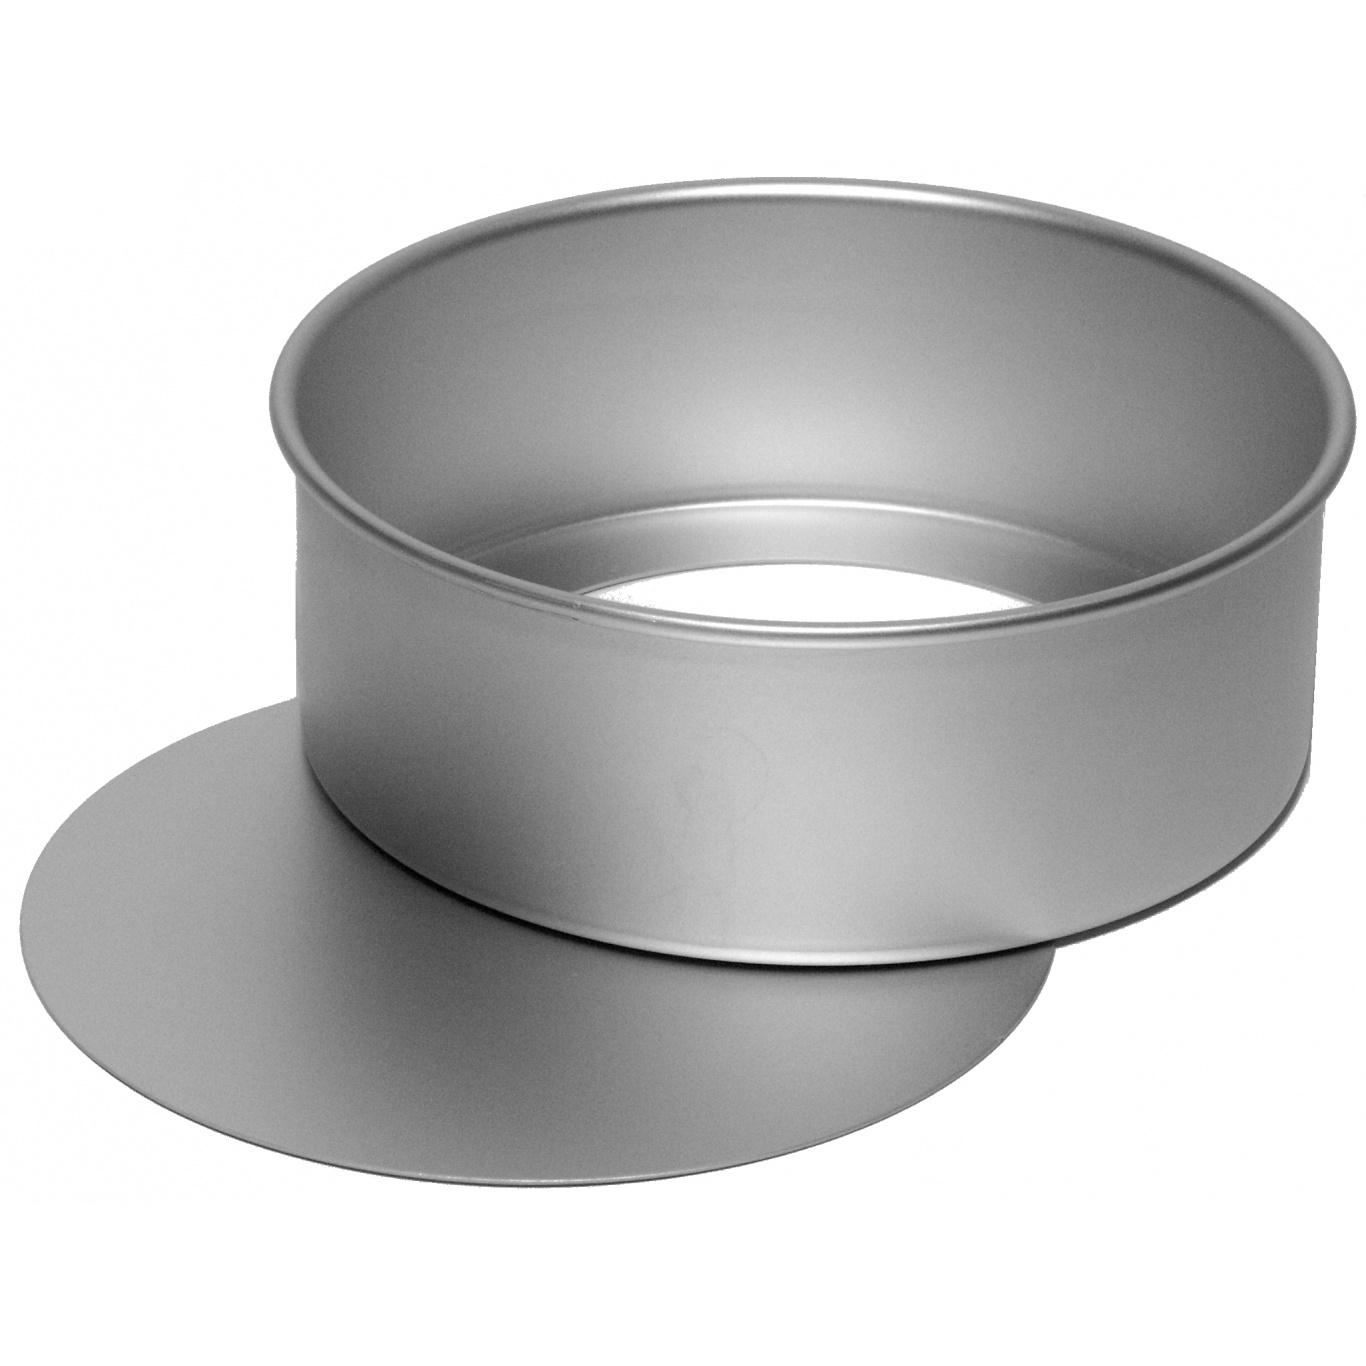 Image of Silverwood Round Cake Pan Loose Base 6ins/15cm